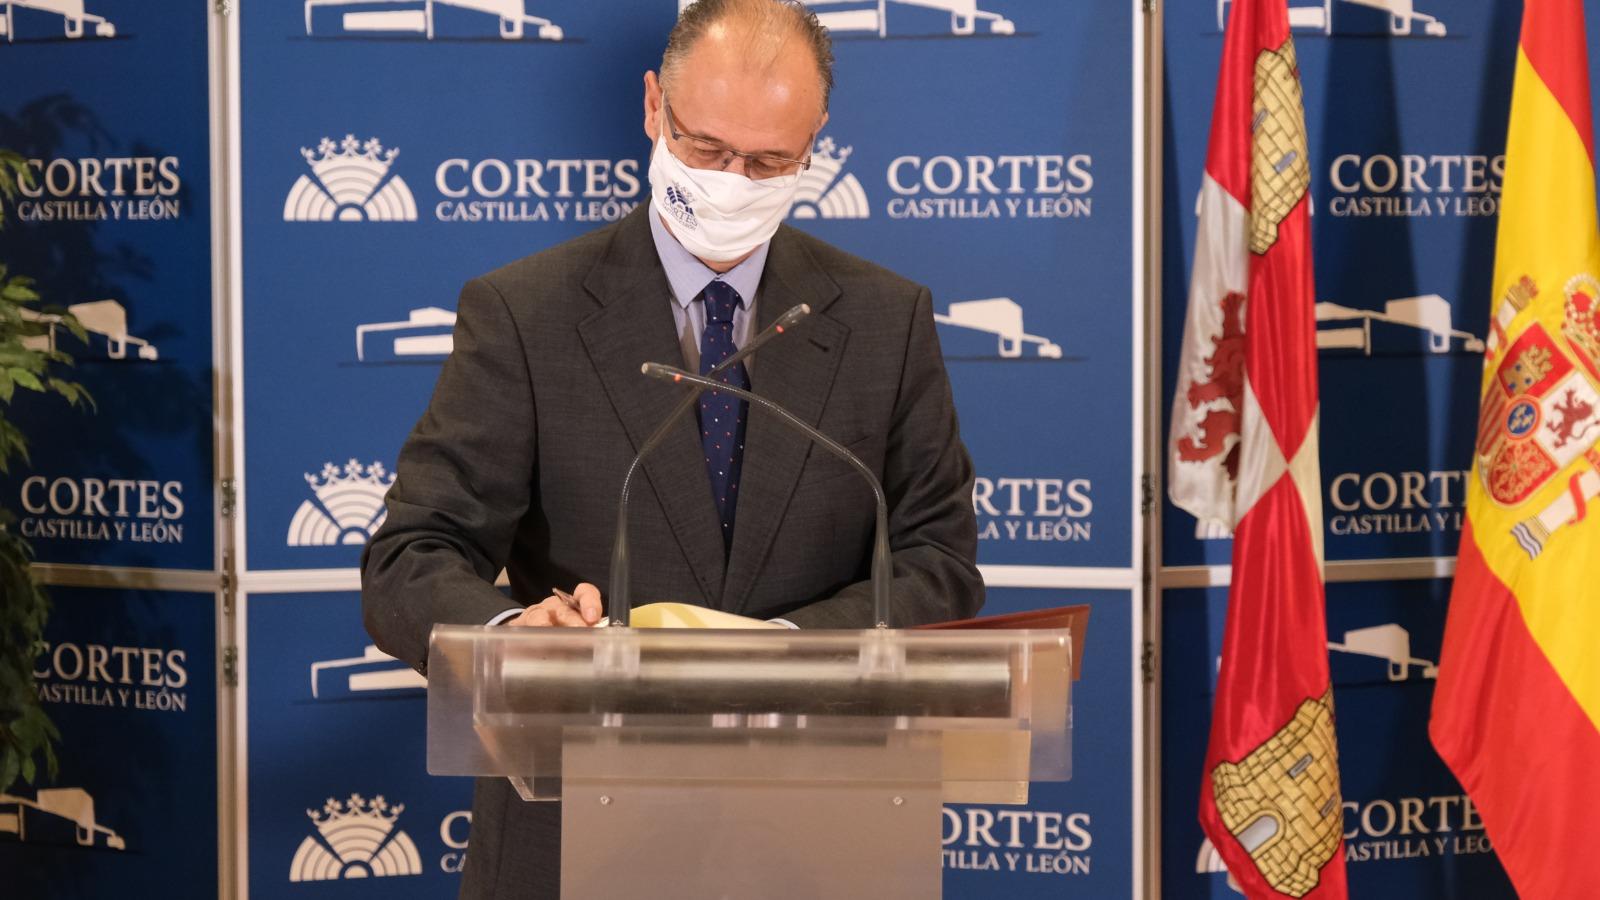 Ccyl Las Cortes Y La Junta Sellan Un Acuerdo Para Impulsar Acciones De Formacion Continua Y Actualizacion De Sus Empleados Publicos